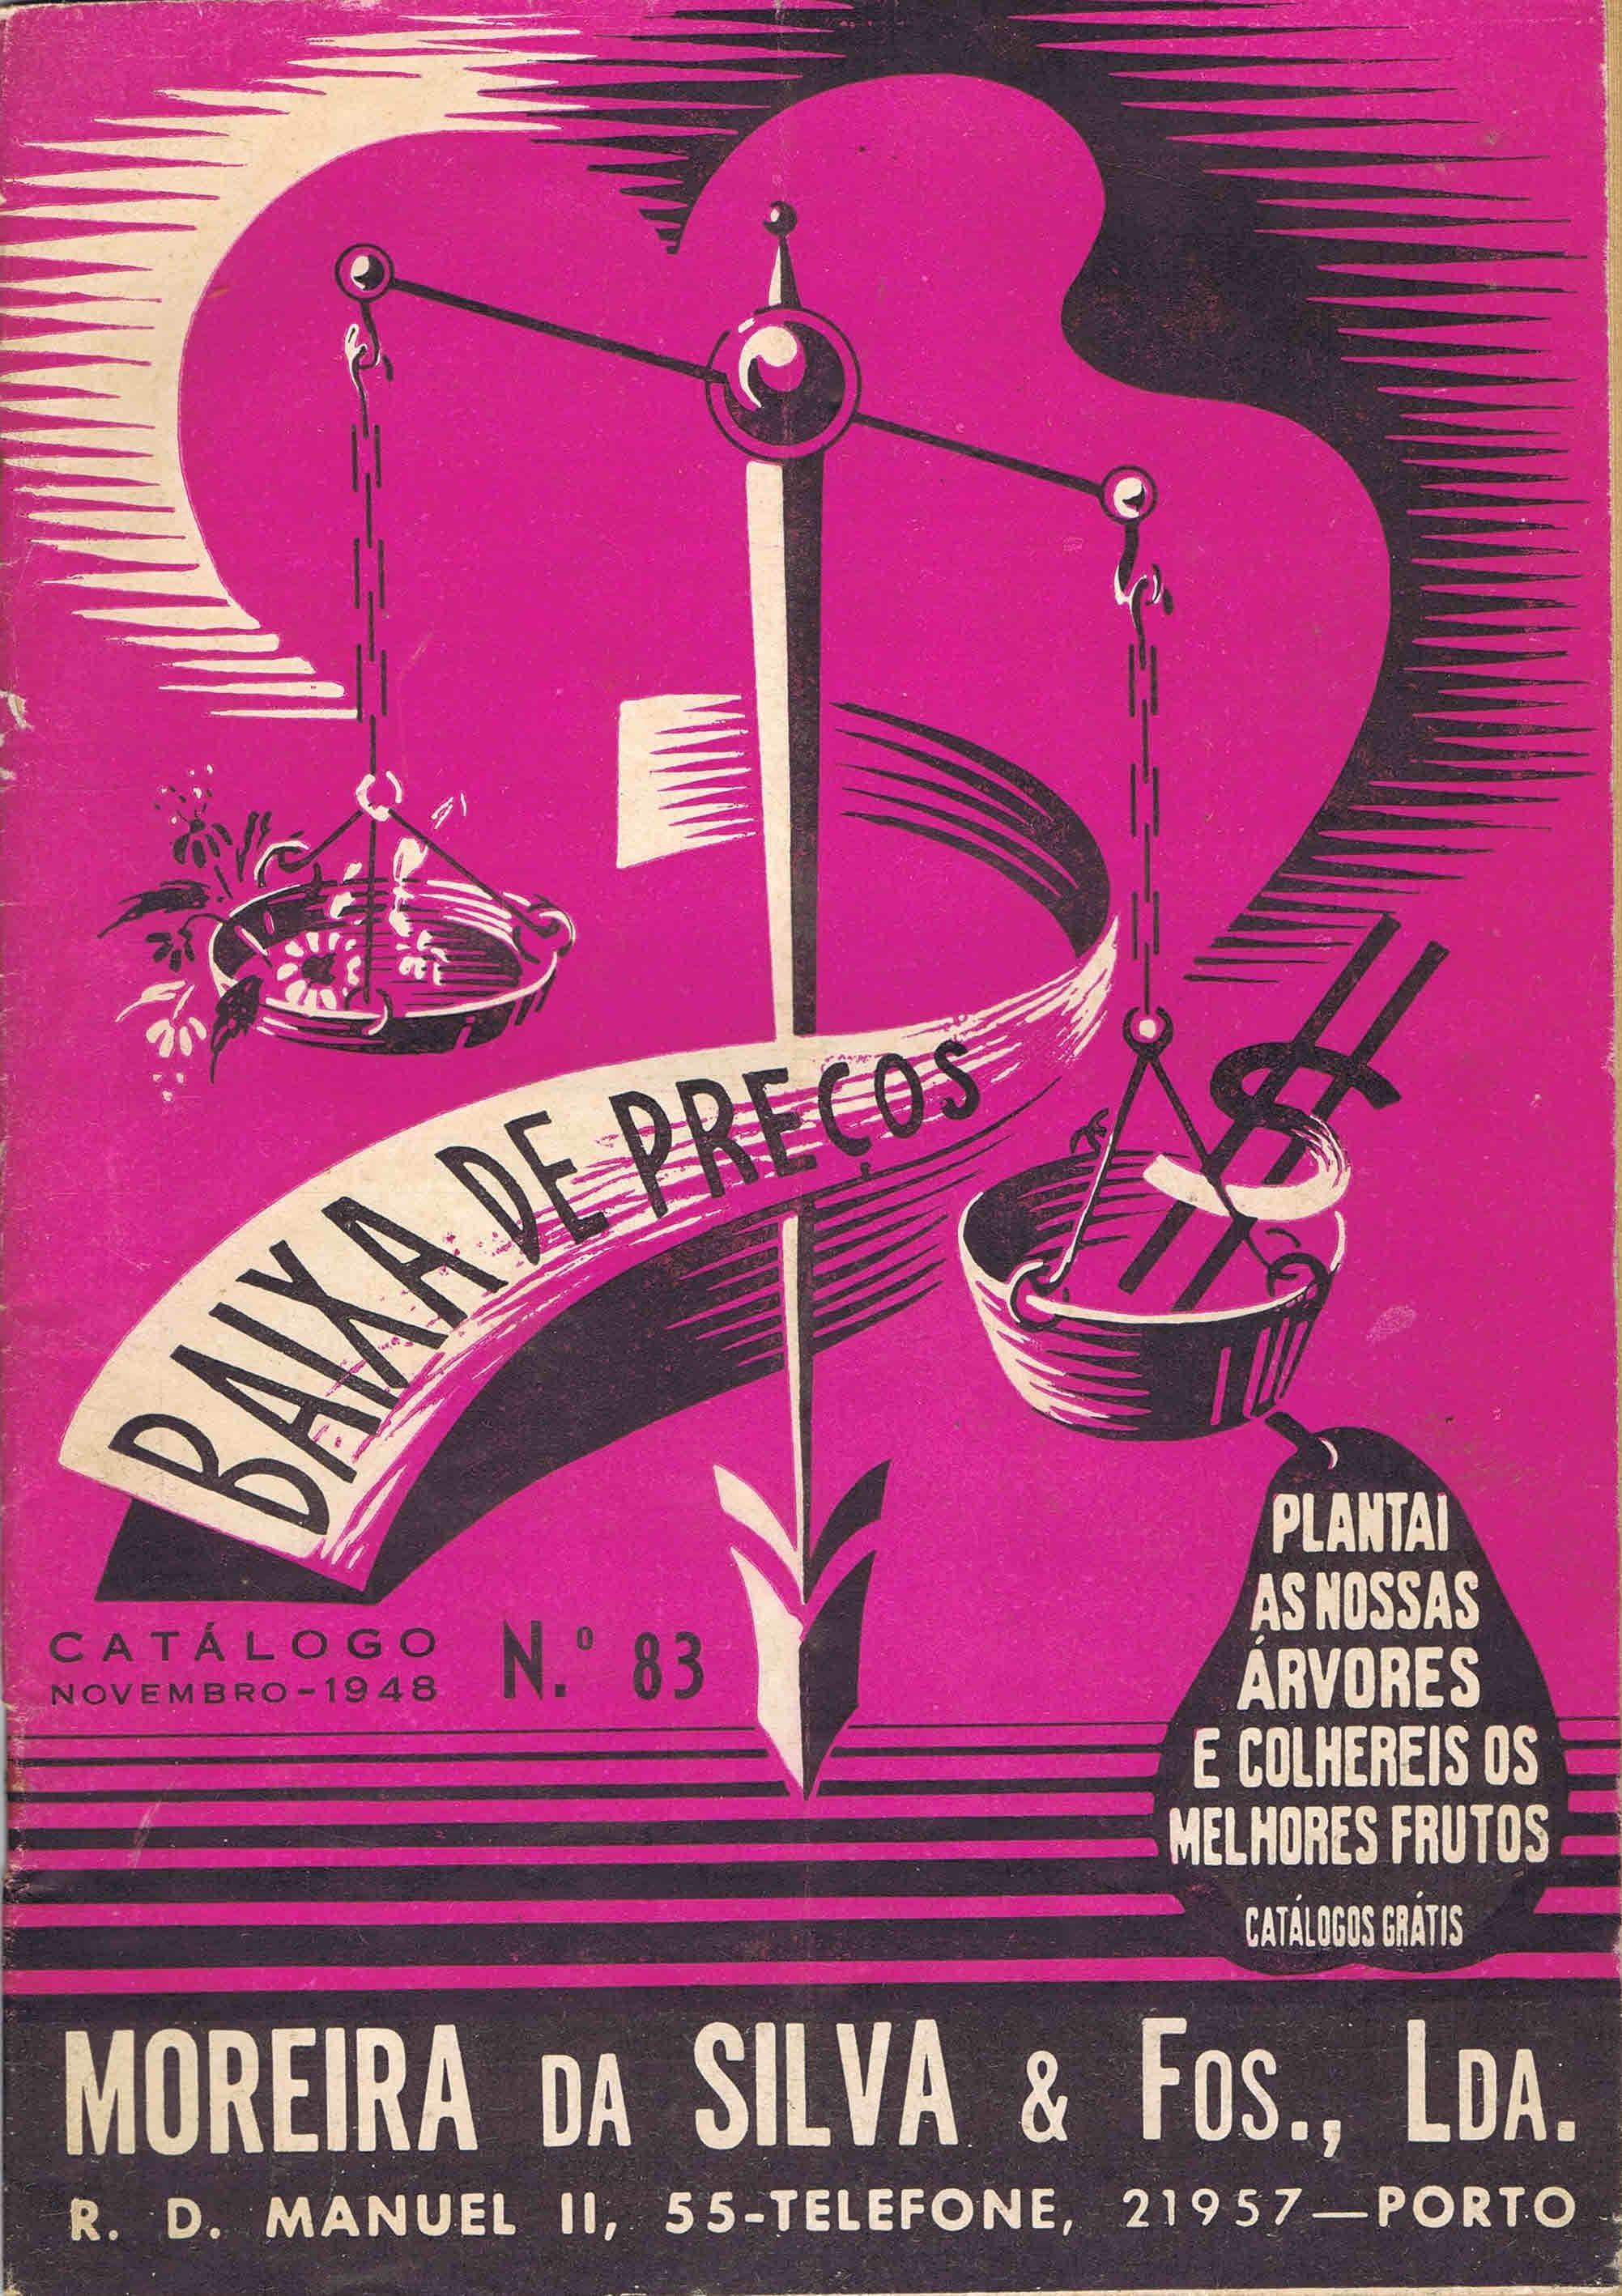 CATALOGO HORTICOLA MOREIRA DA SILVA & Fos Lda nº 83 1948